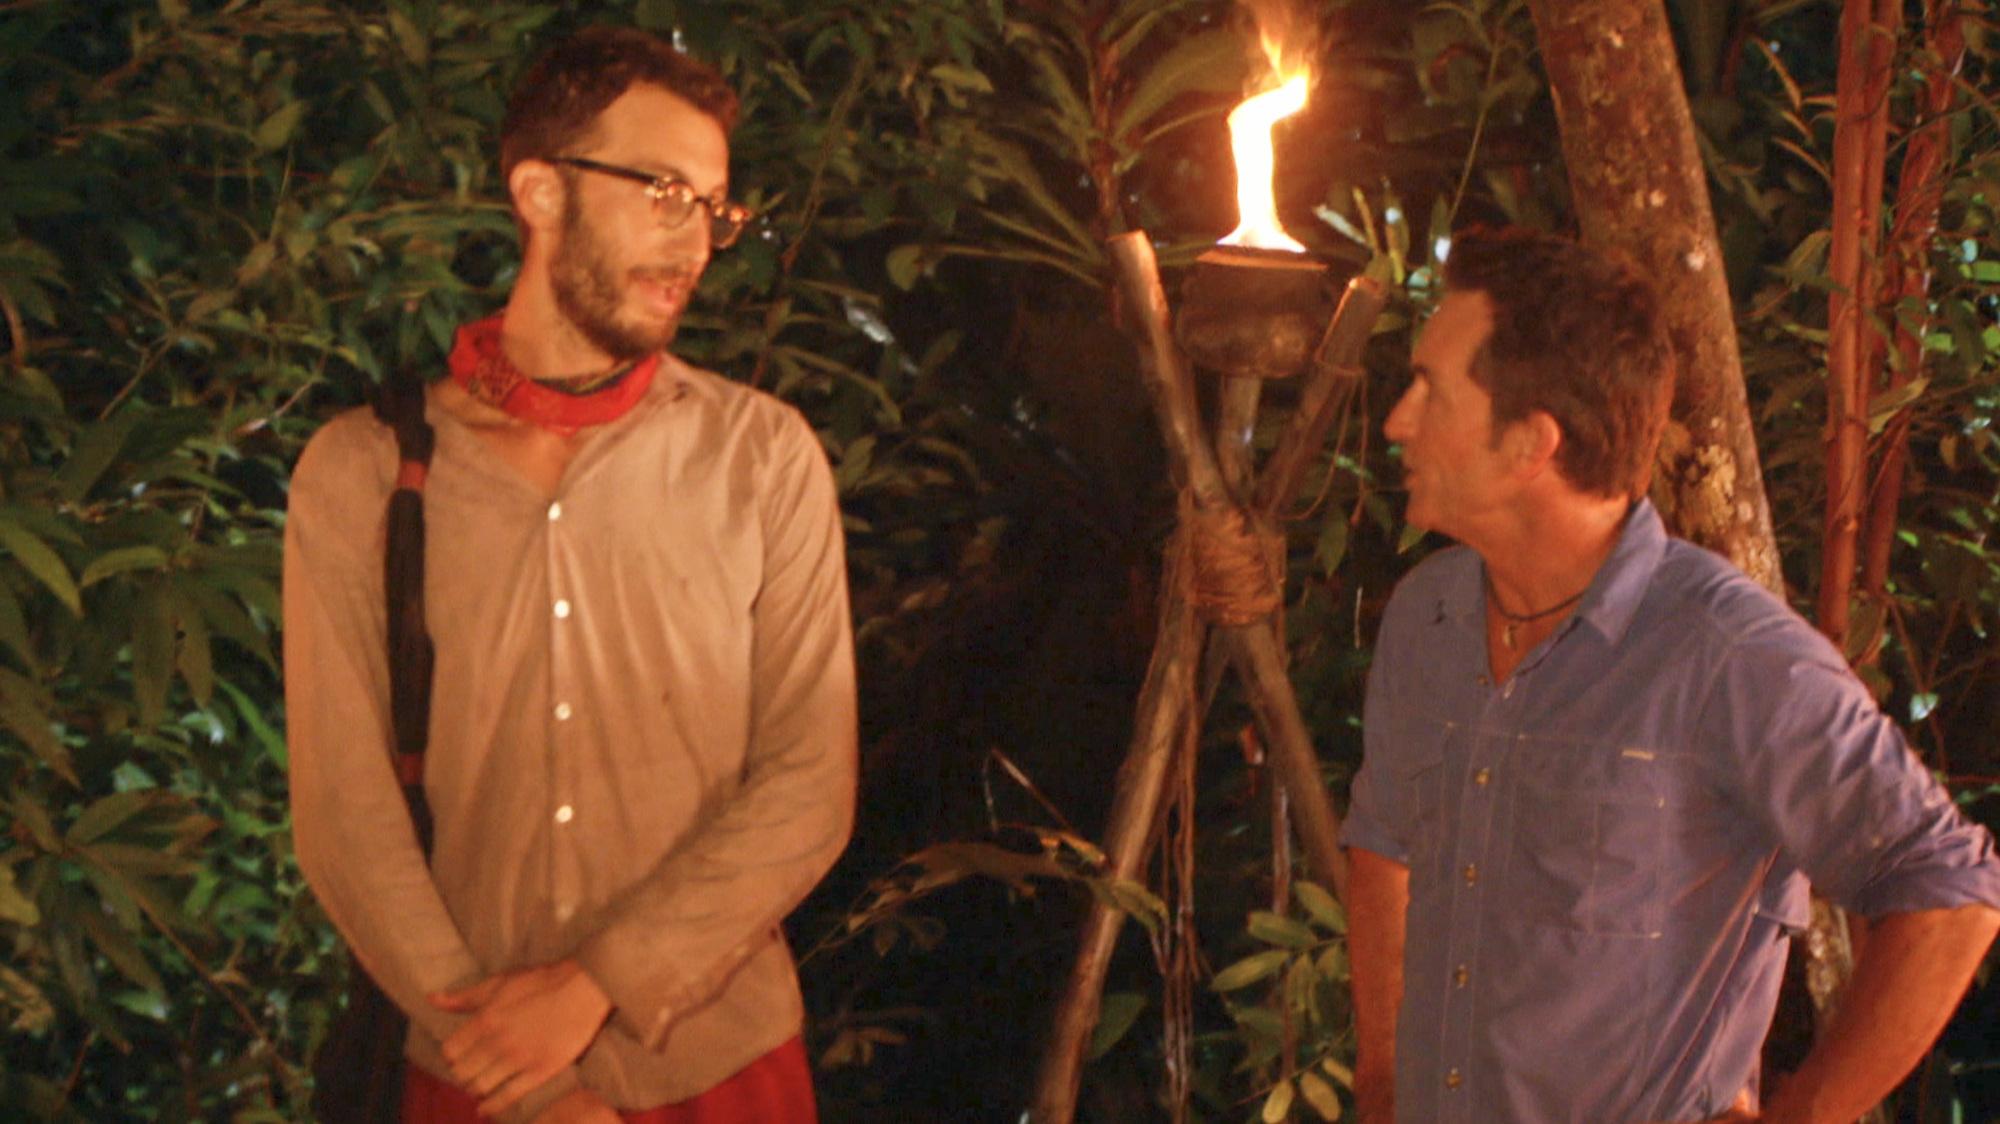 Stephen Fishbach talks with Survivor host Jeff Probst after winning Reward